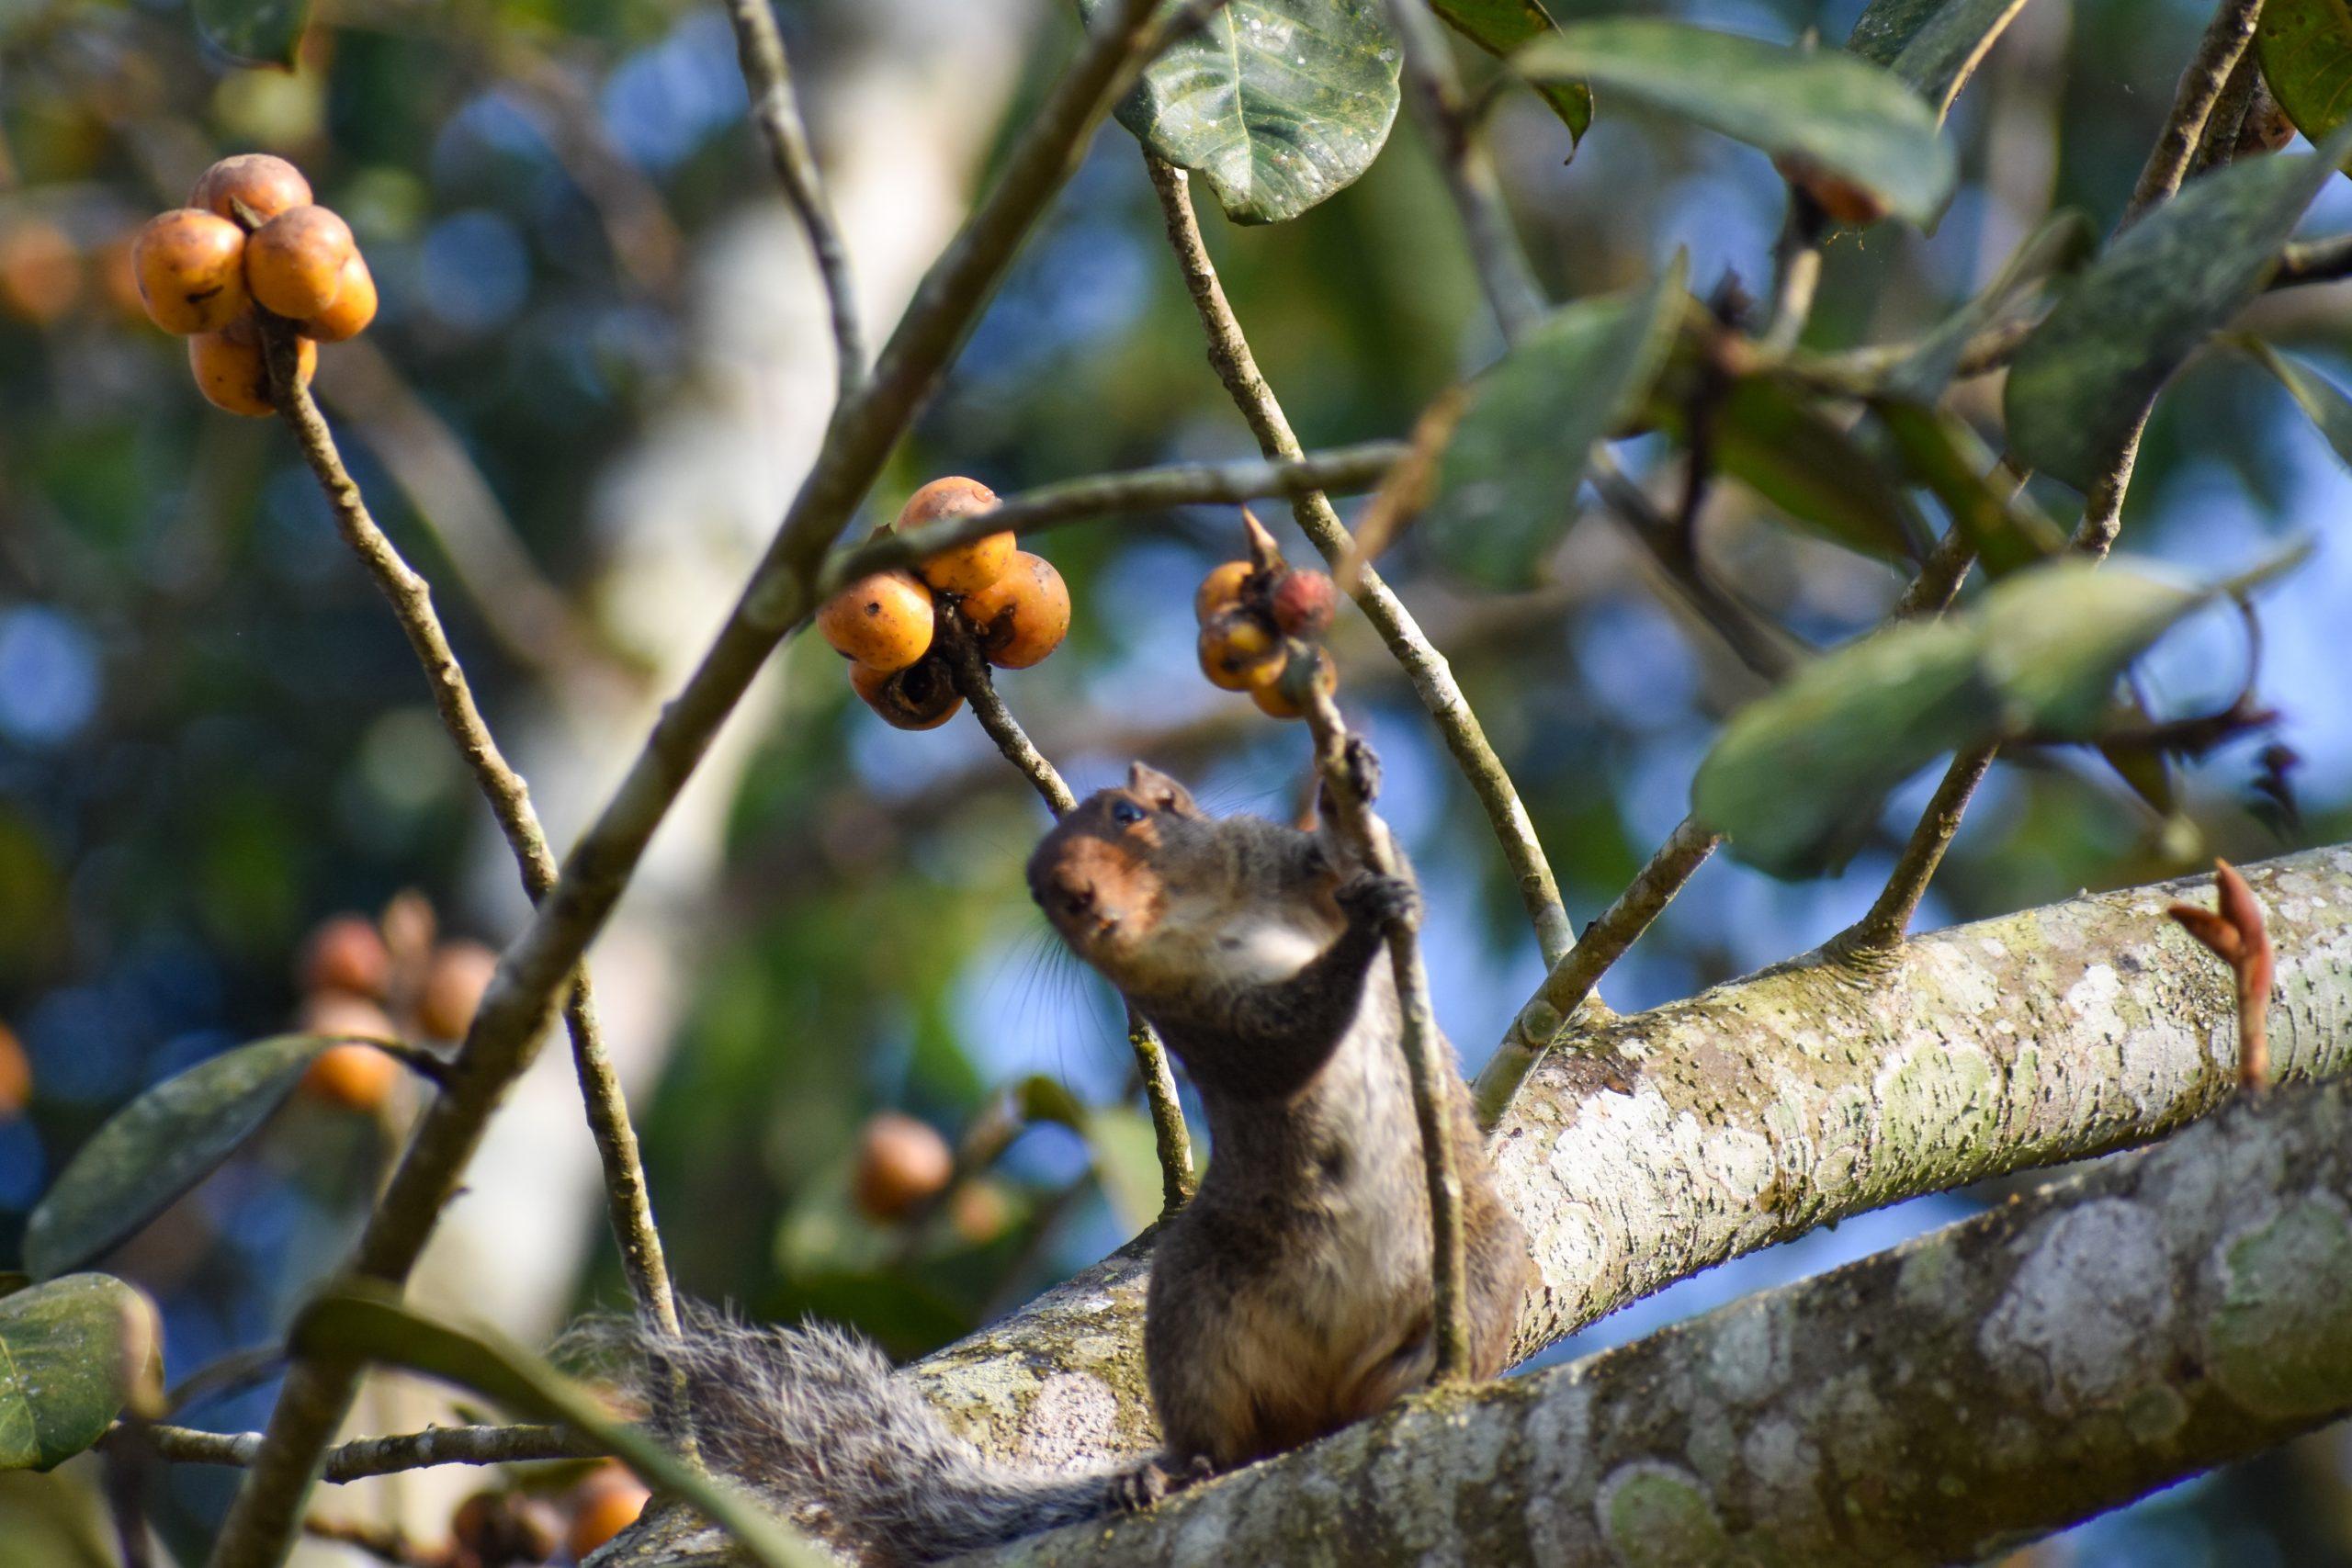 Squirrel holding stem